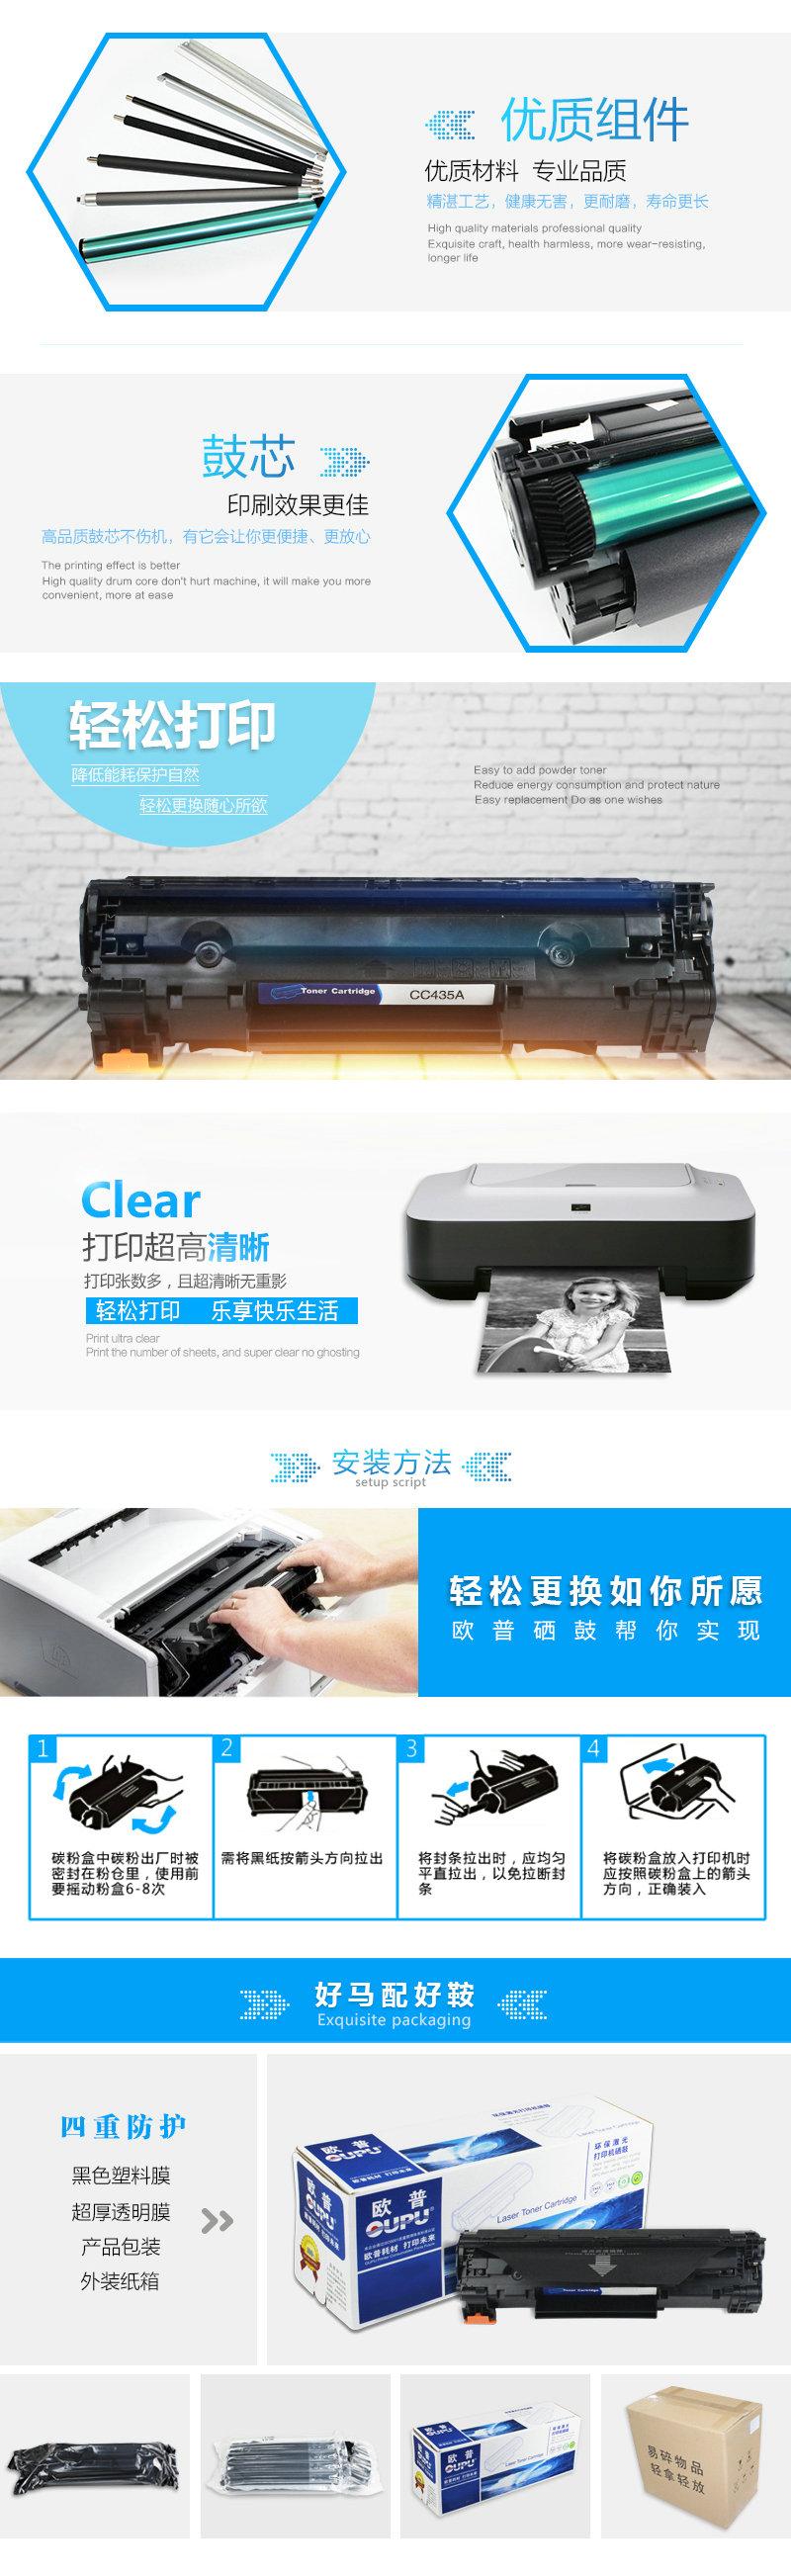 欧普CC435A打印机硒鼓普通2